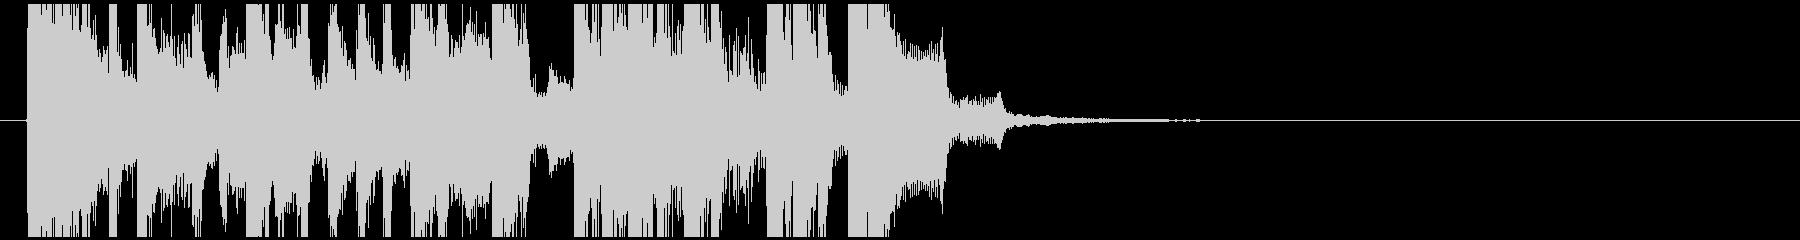 ラジオジングル1の未再生の波形